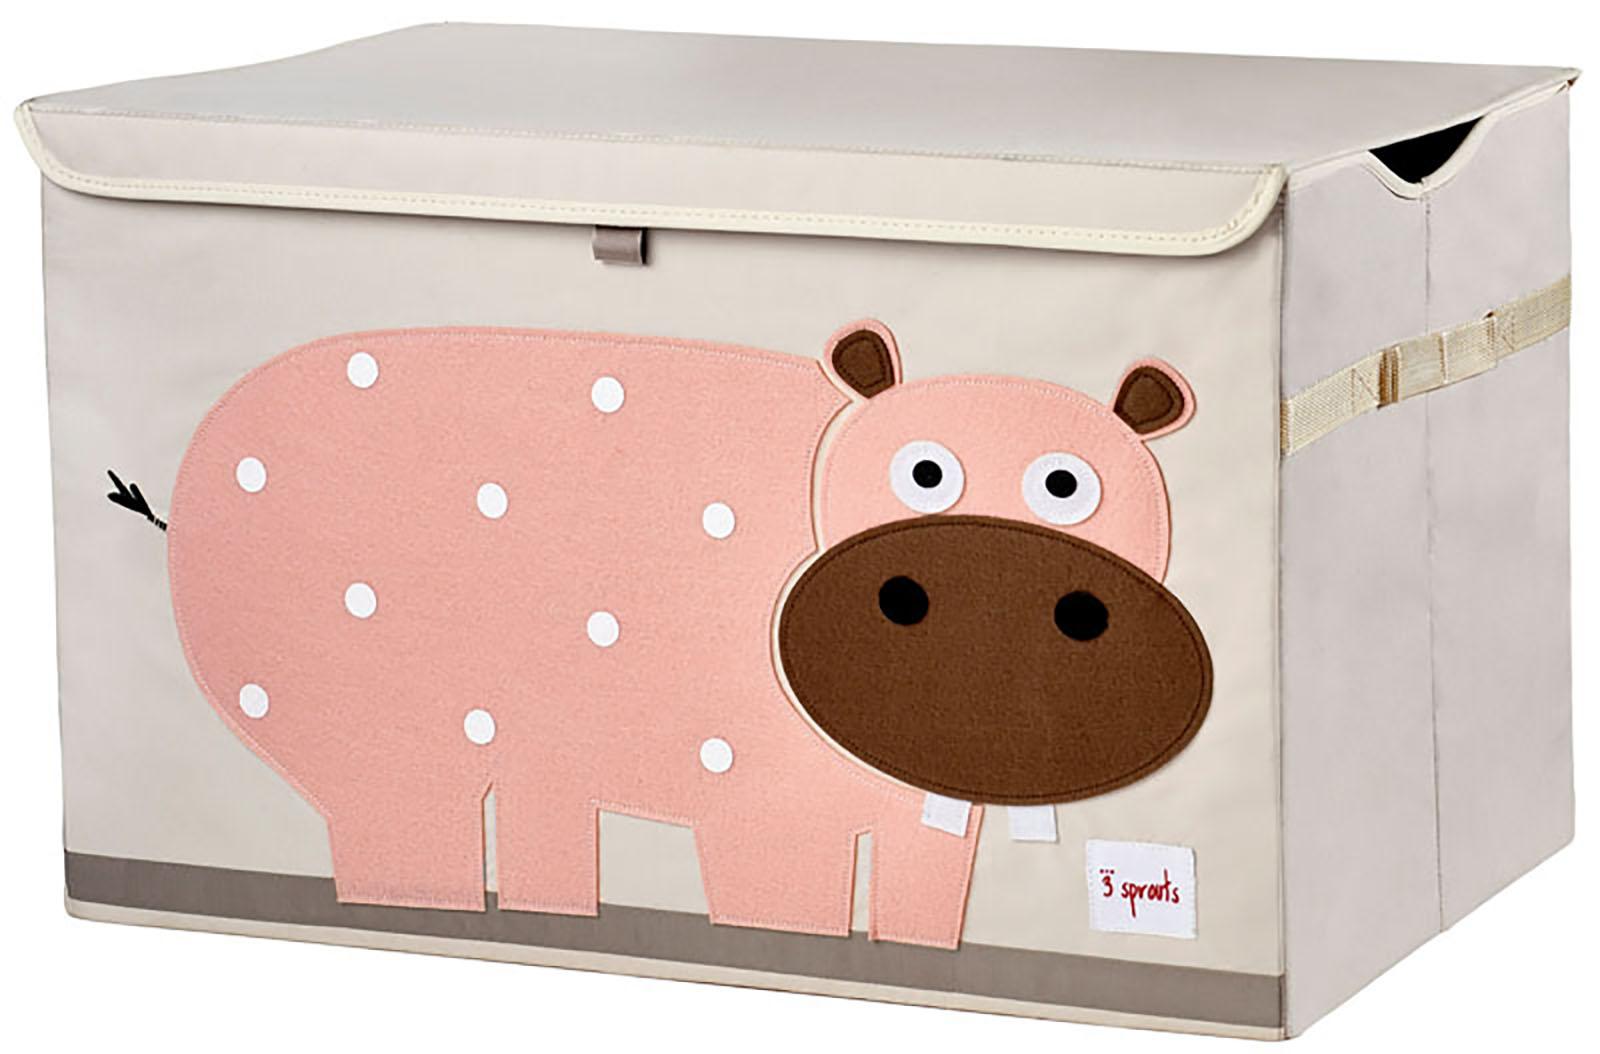 3 sprouts aufbewahrungskiste aufbewahrungstruhe mit deckel hippo nilpferd. Black Bedroom Furniture Sets. Home Design Ideas